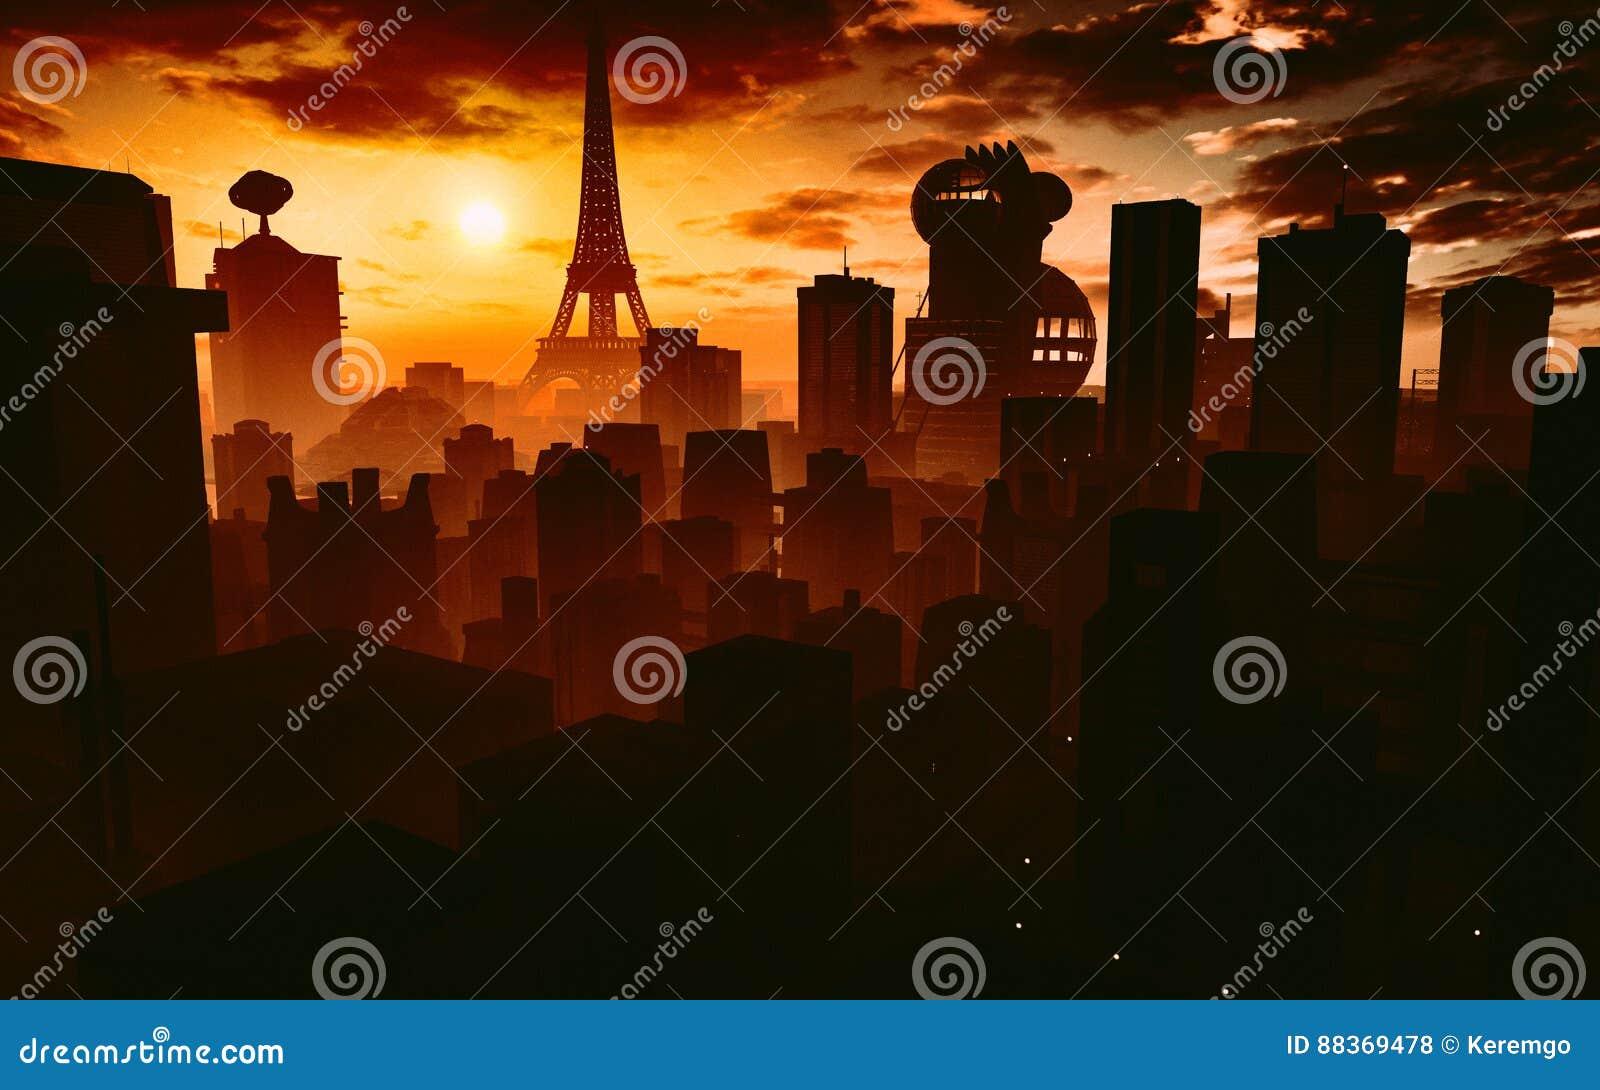 Paris In The Future